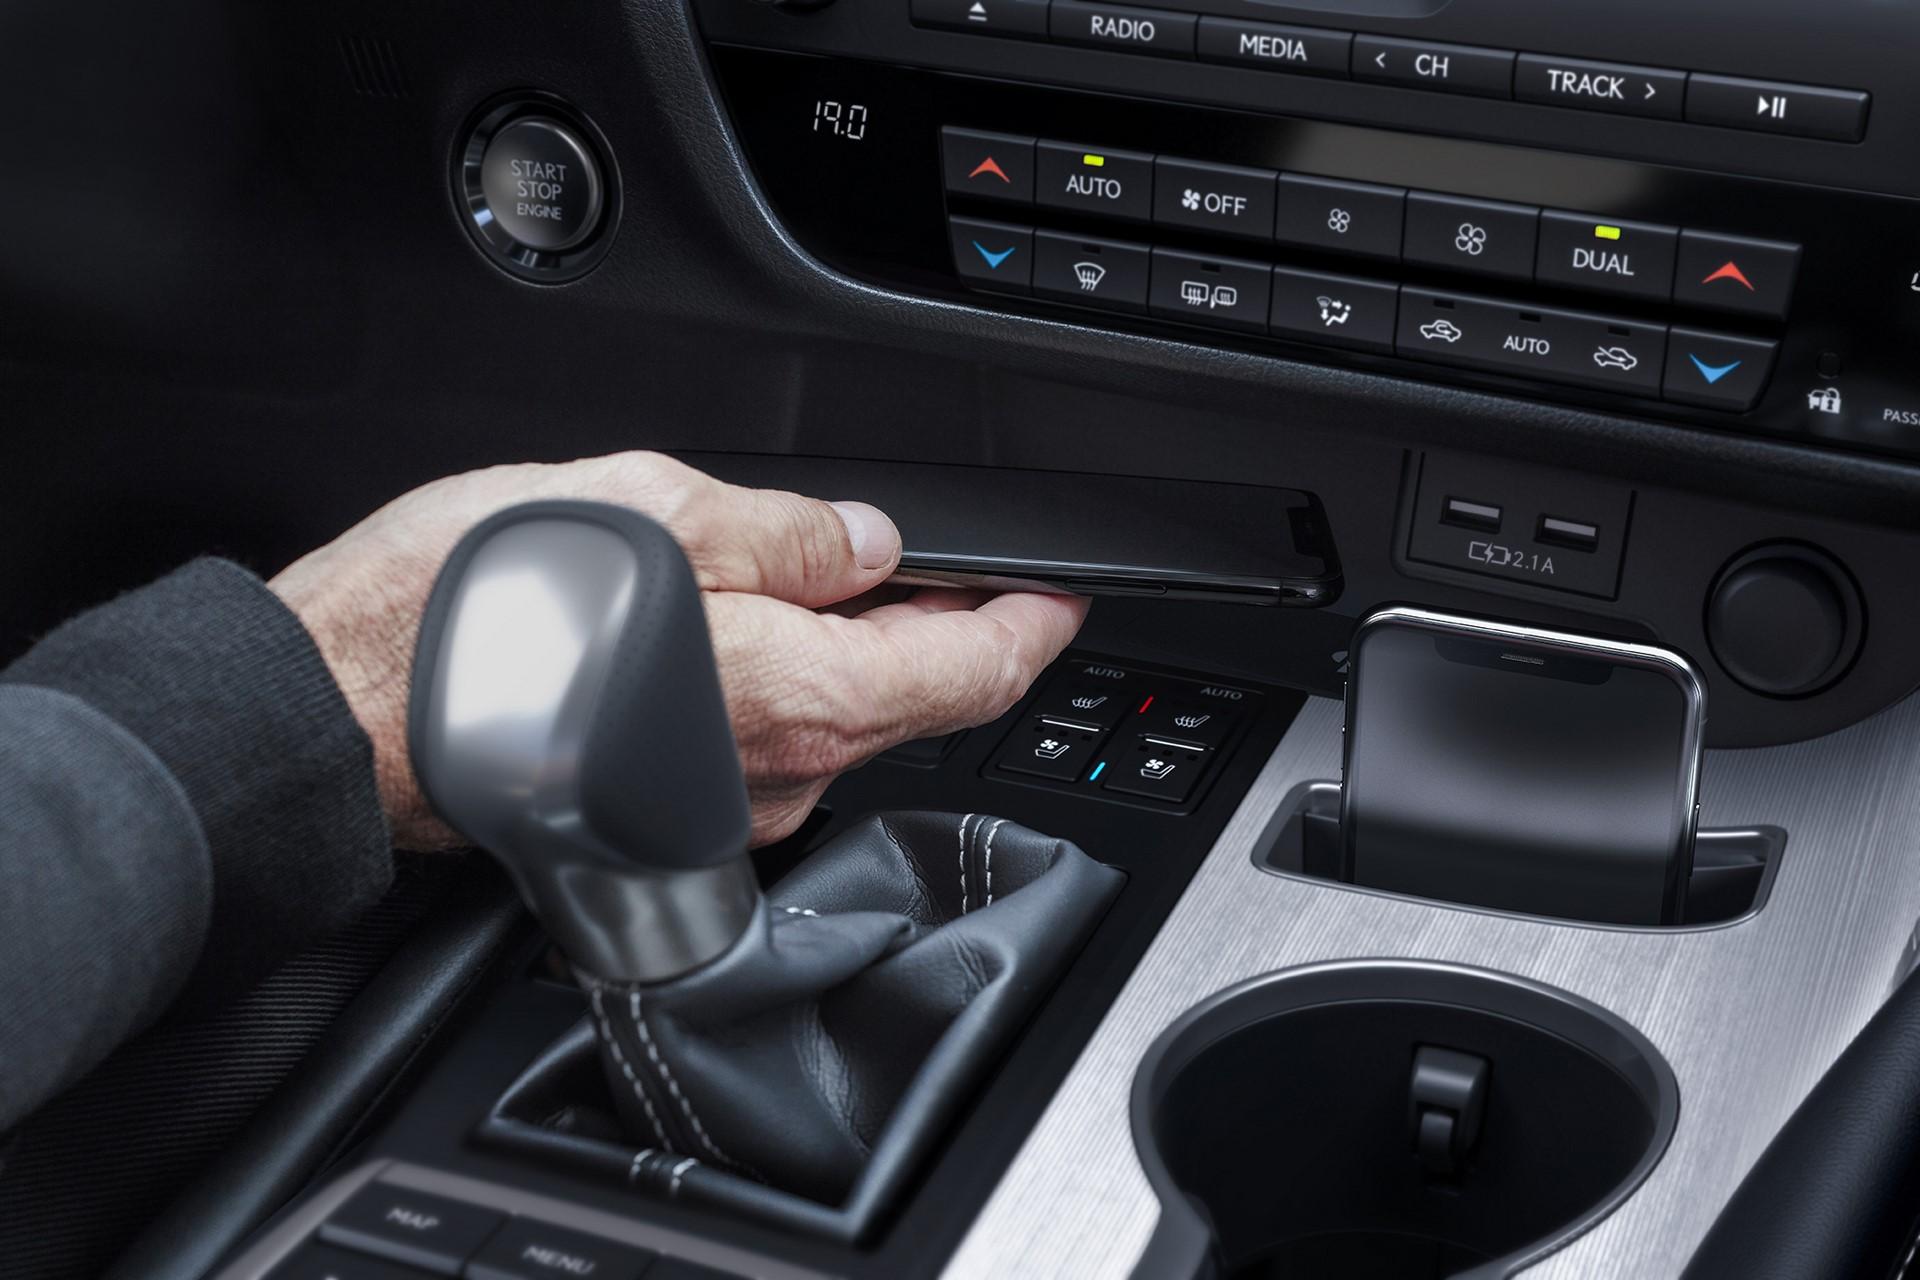 2020_Lexus_RX350_FSPORT_18_233556422C31BE692076594A0A80ED3AB5A1F864